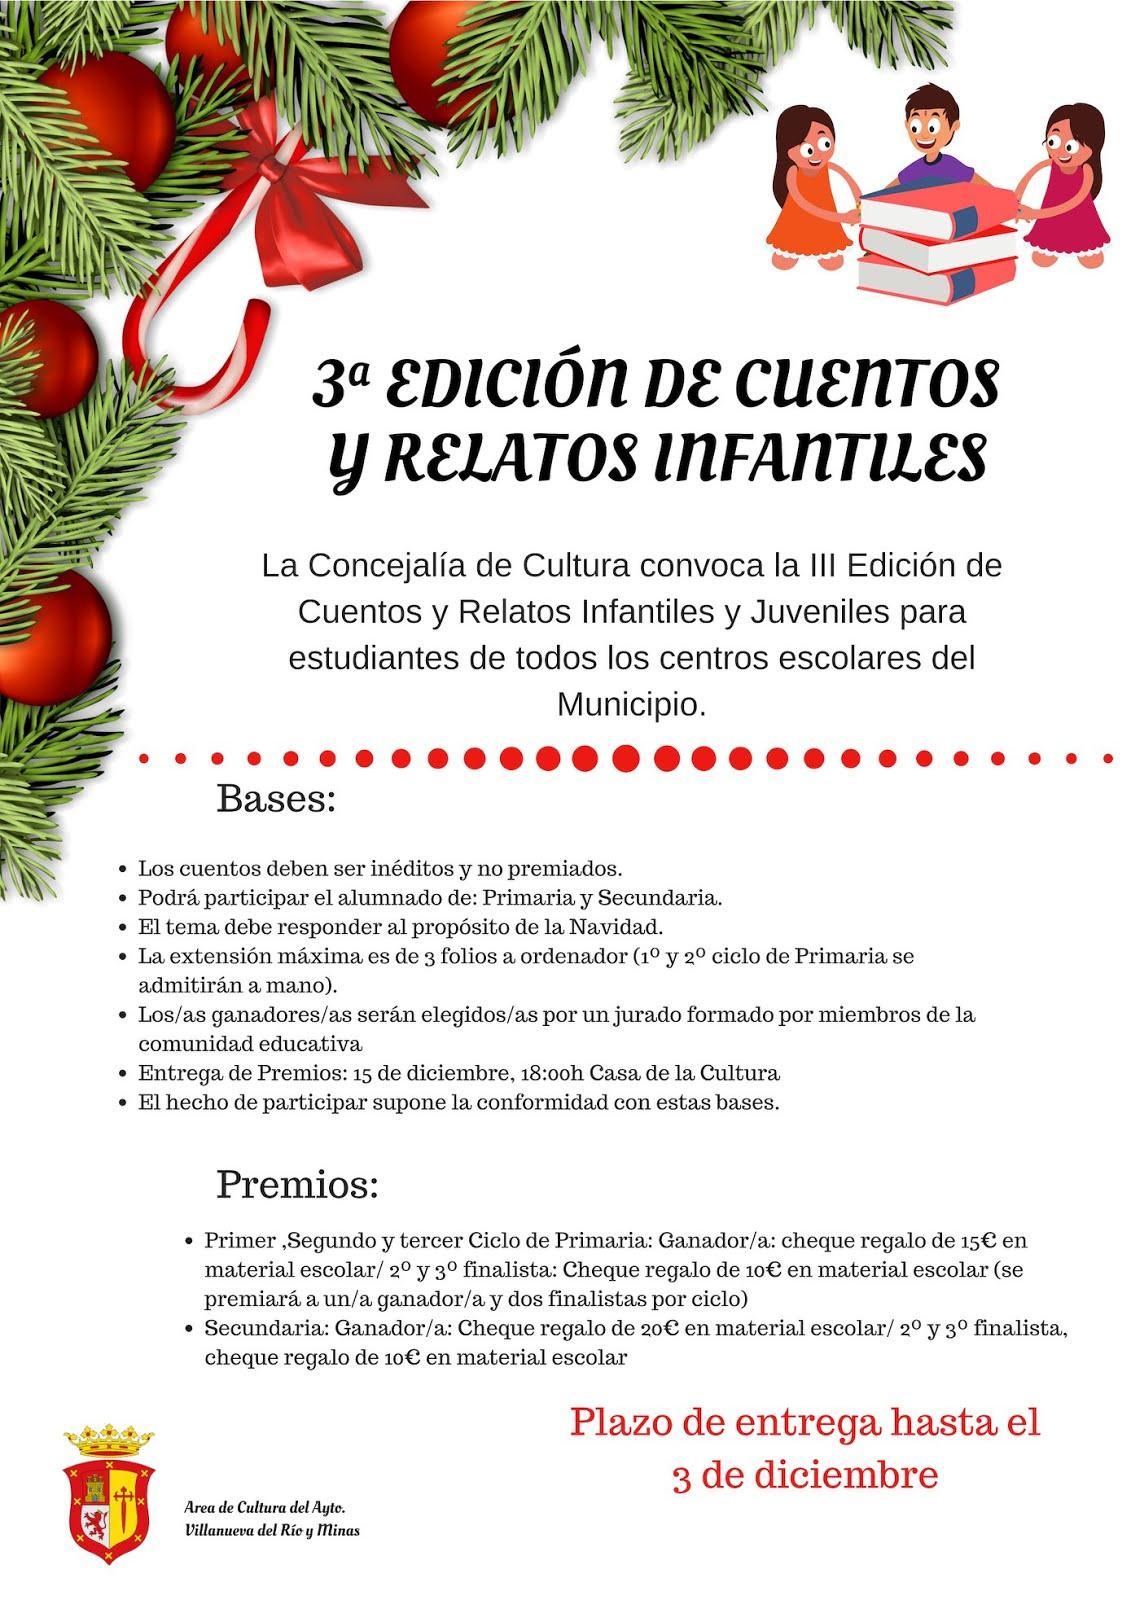 3ª Edición del Concurso de Cuentos y Relatos Infantiles